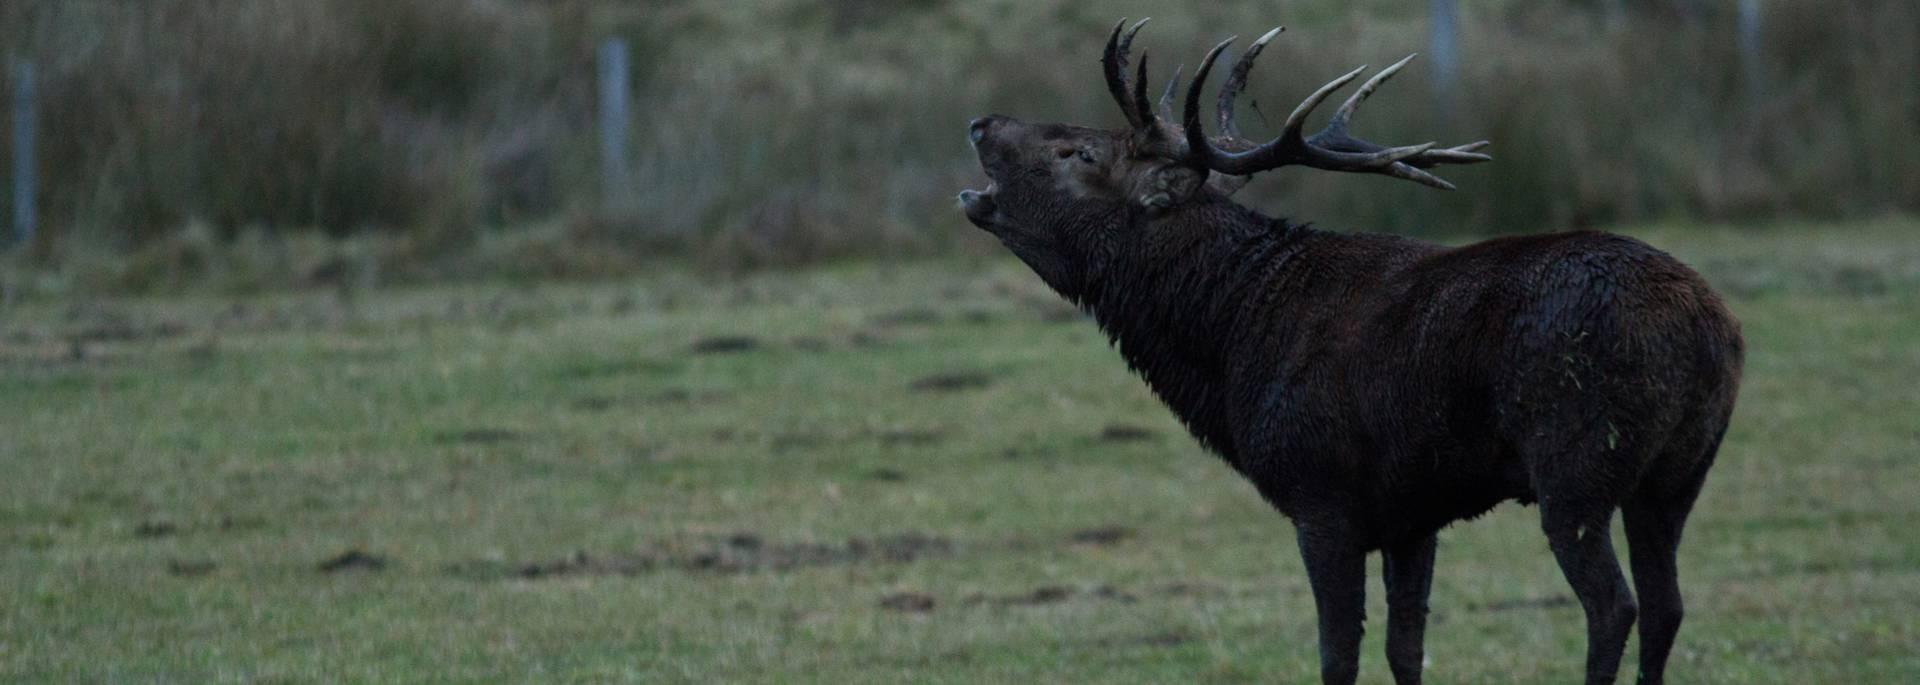 The roar of the deer in Lozére on Aubrac plateau